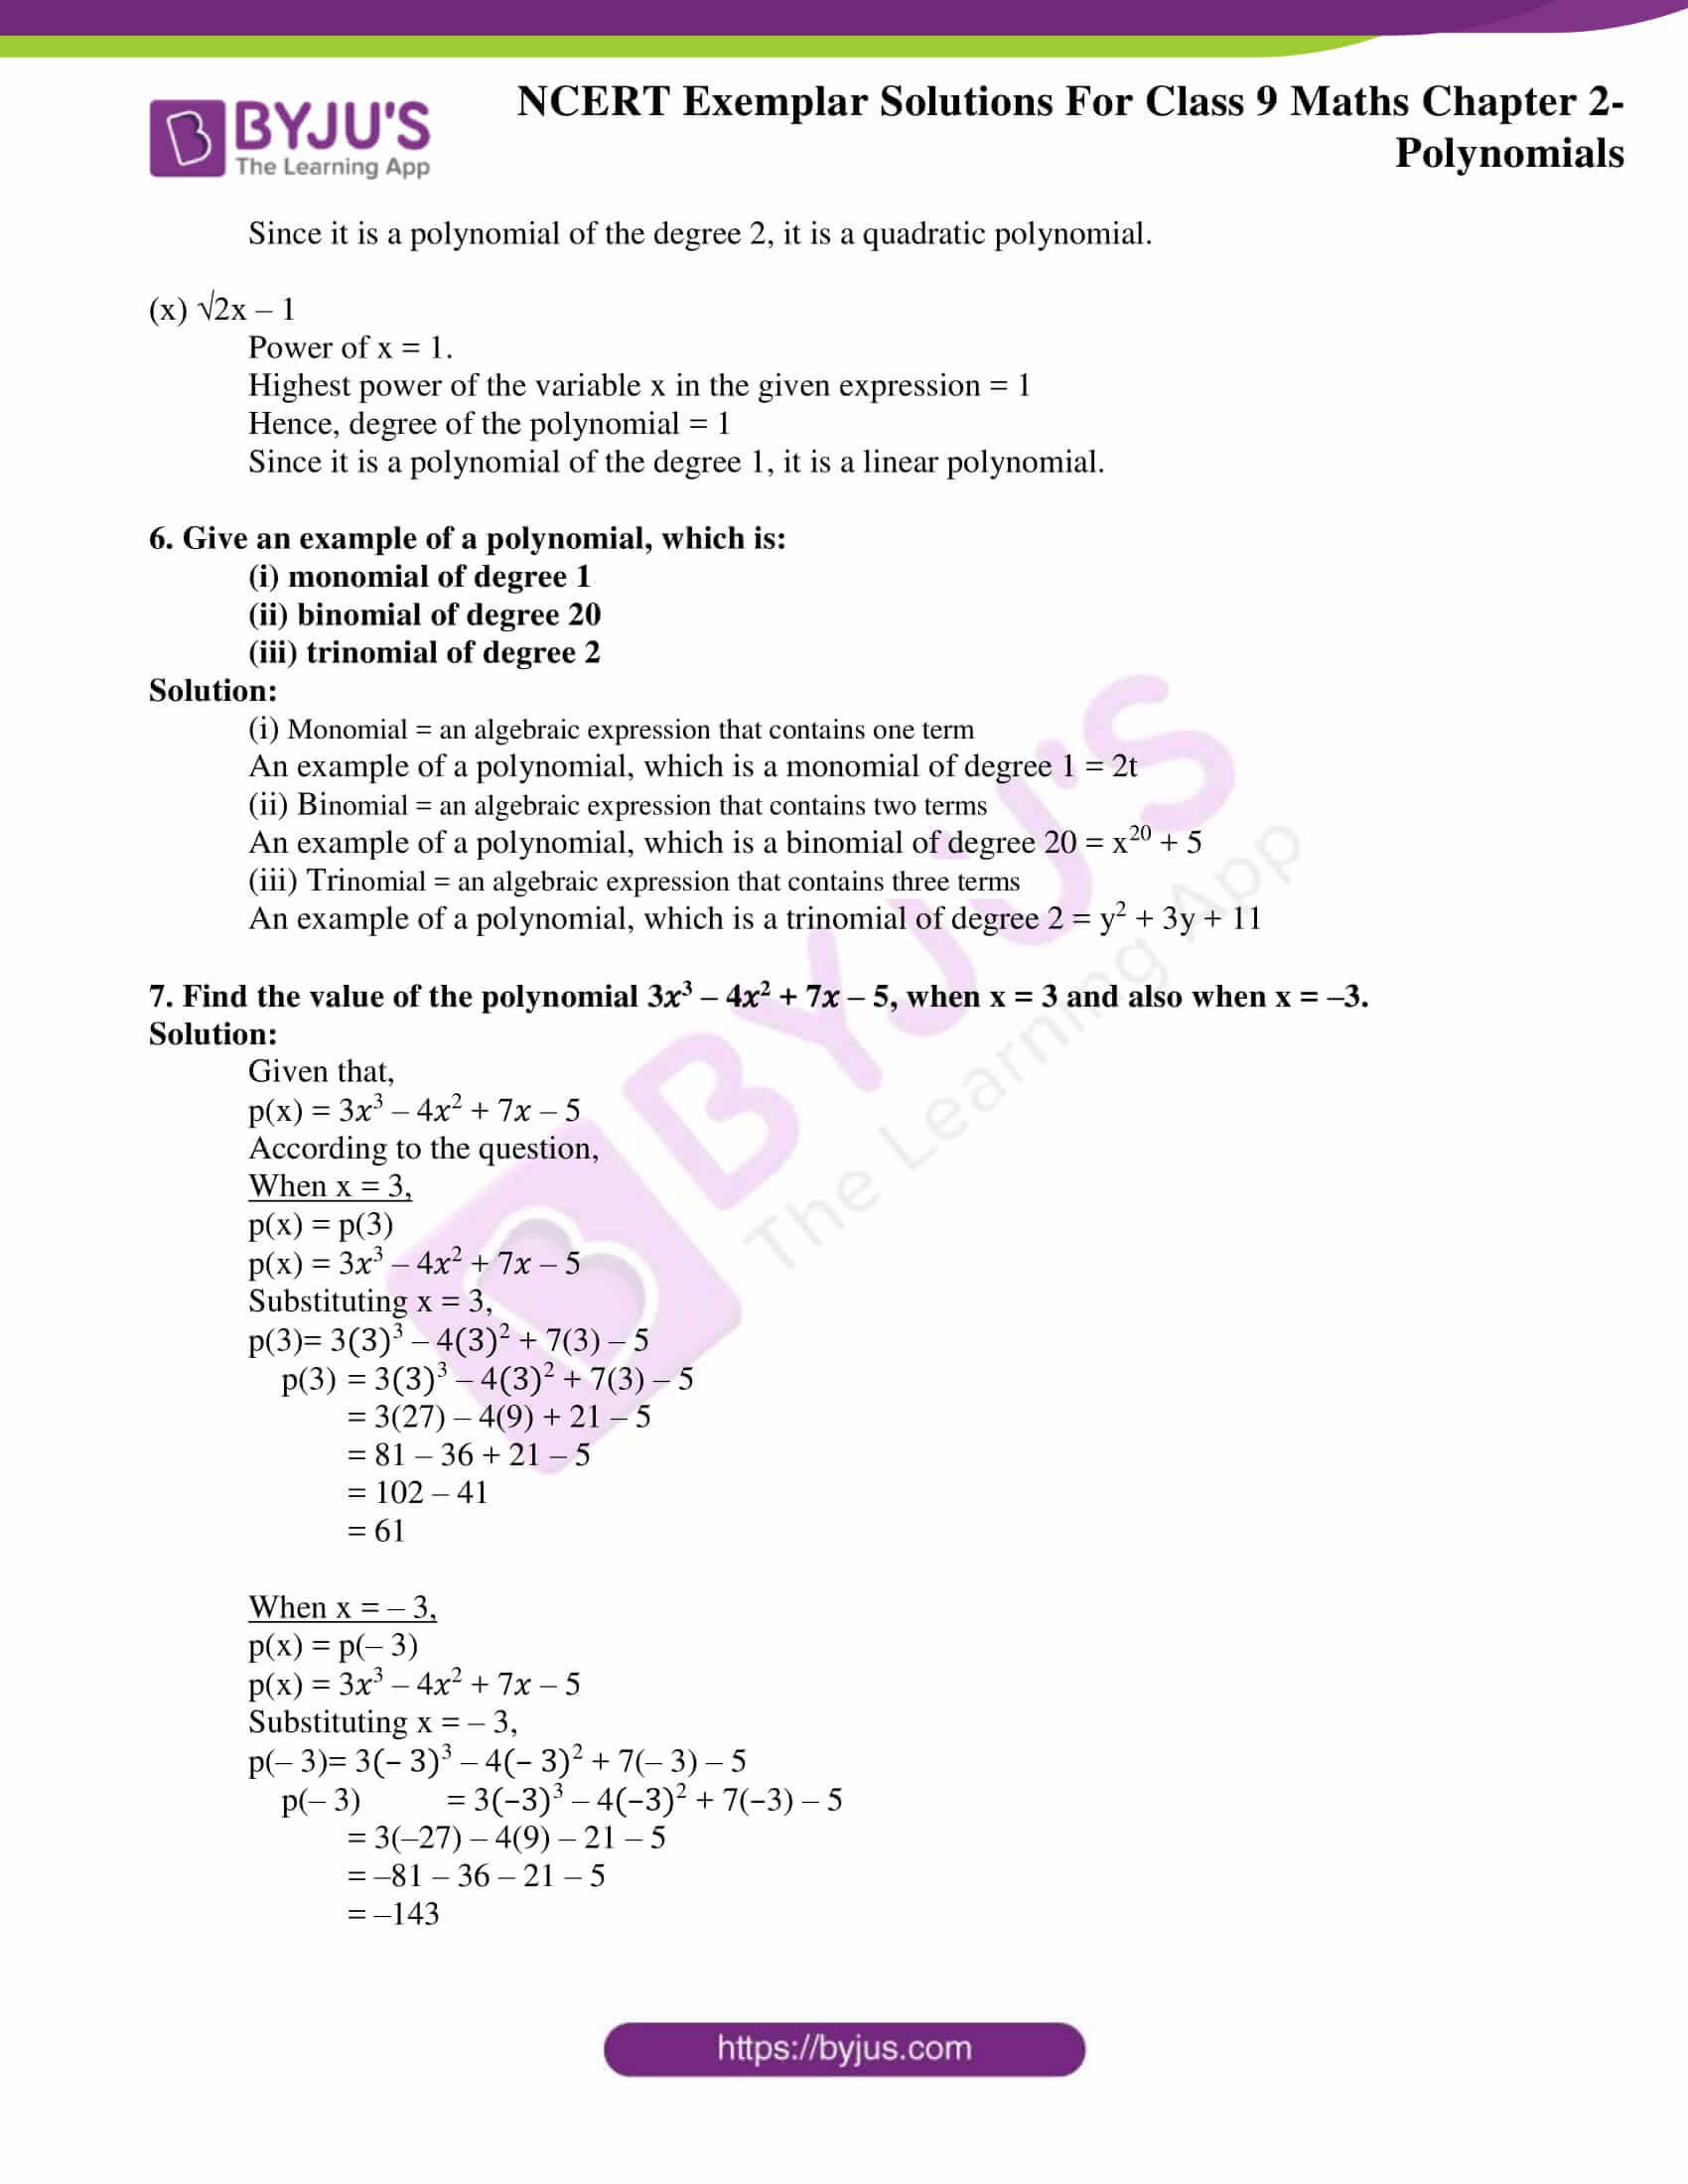 NCERT Exemplar Solutions for Class 9 Maths Chapter 2 12